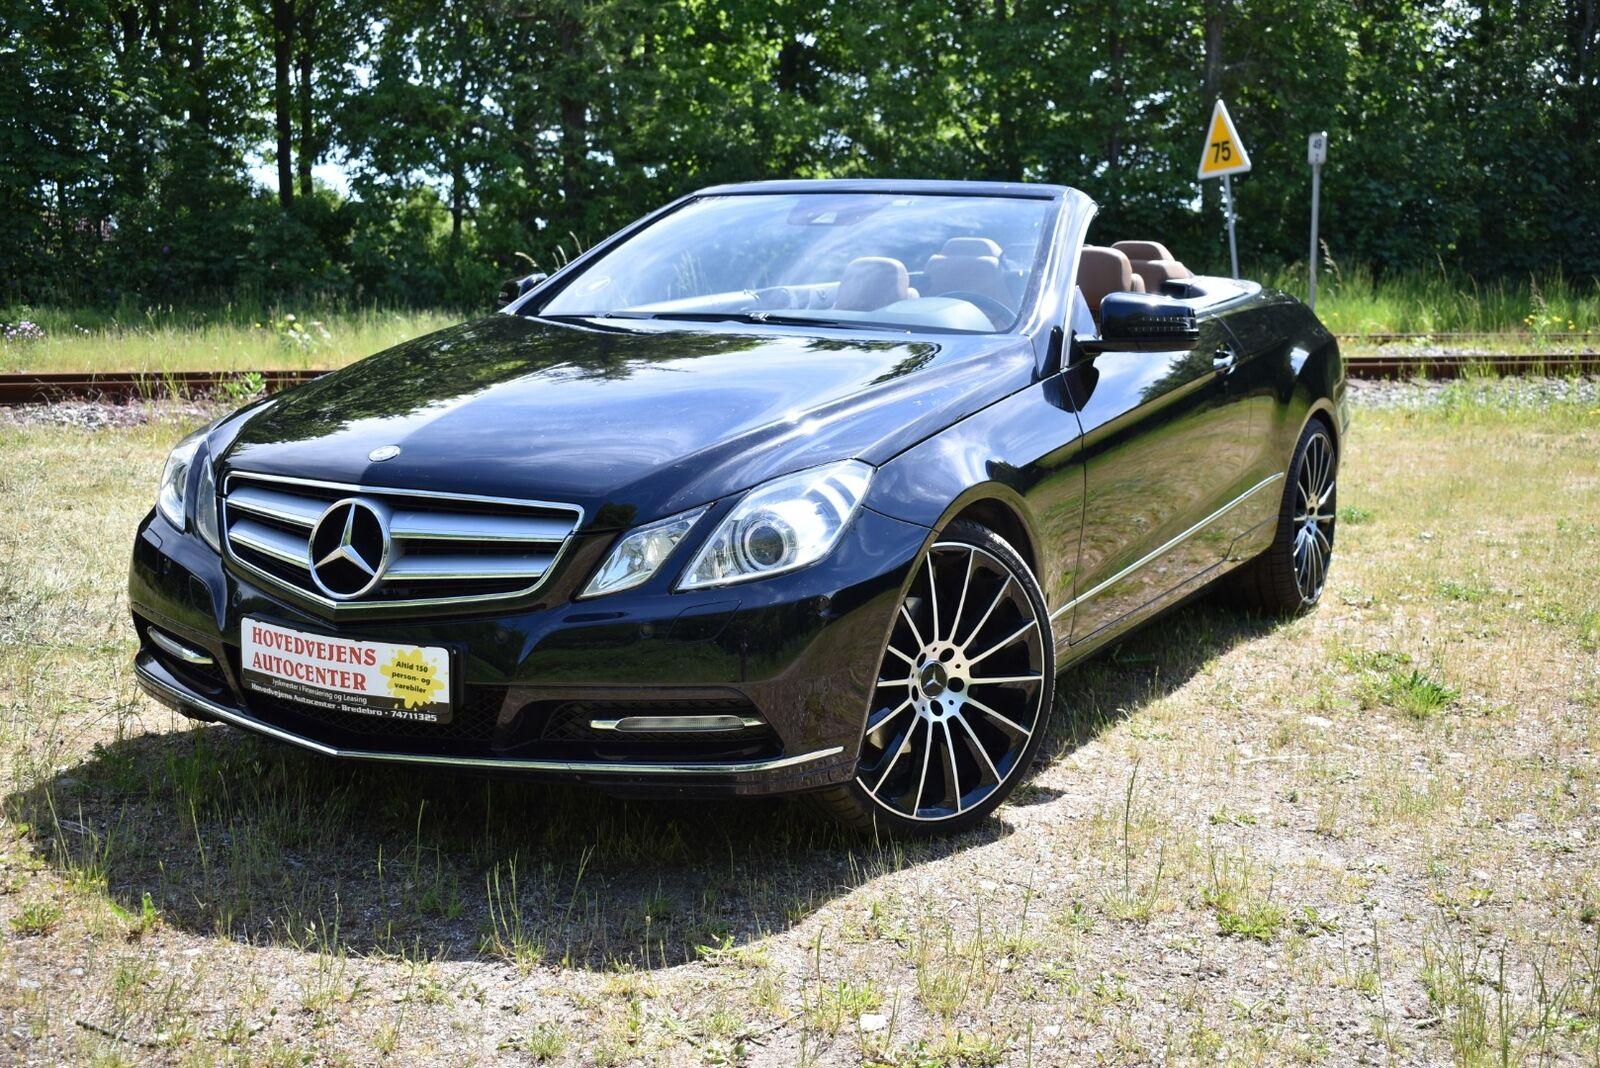 Mercedes E350 3,0 CDi Cabriolet aut. BE 2d - 409.900 kr.